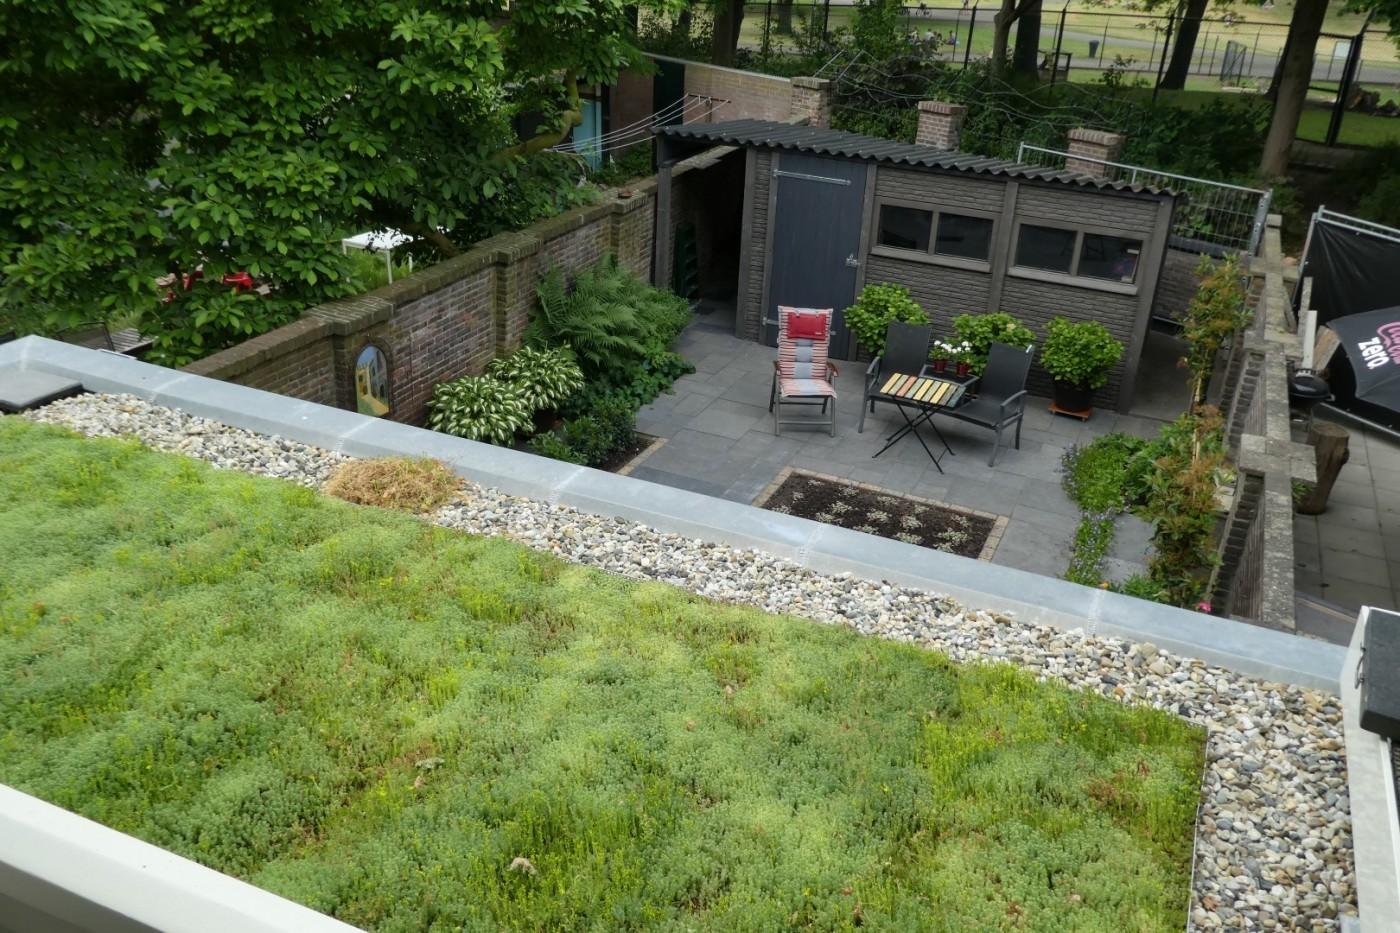 Het sedumdak en de achtertuin zorgen voor relatief veel groen in een stedelijke omgeving.